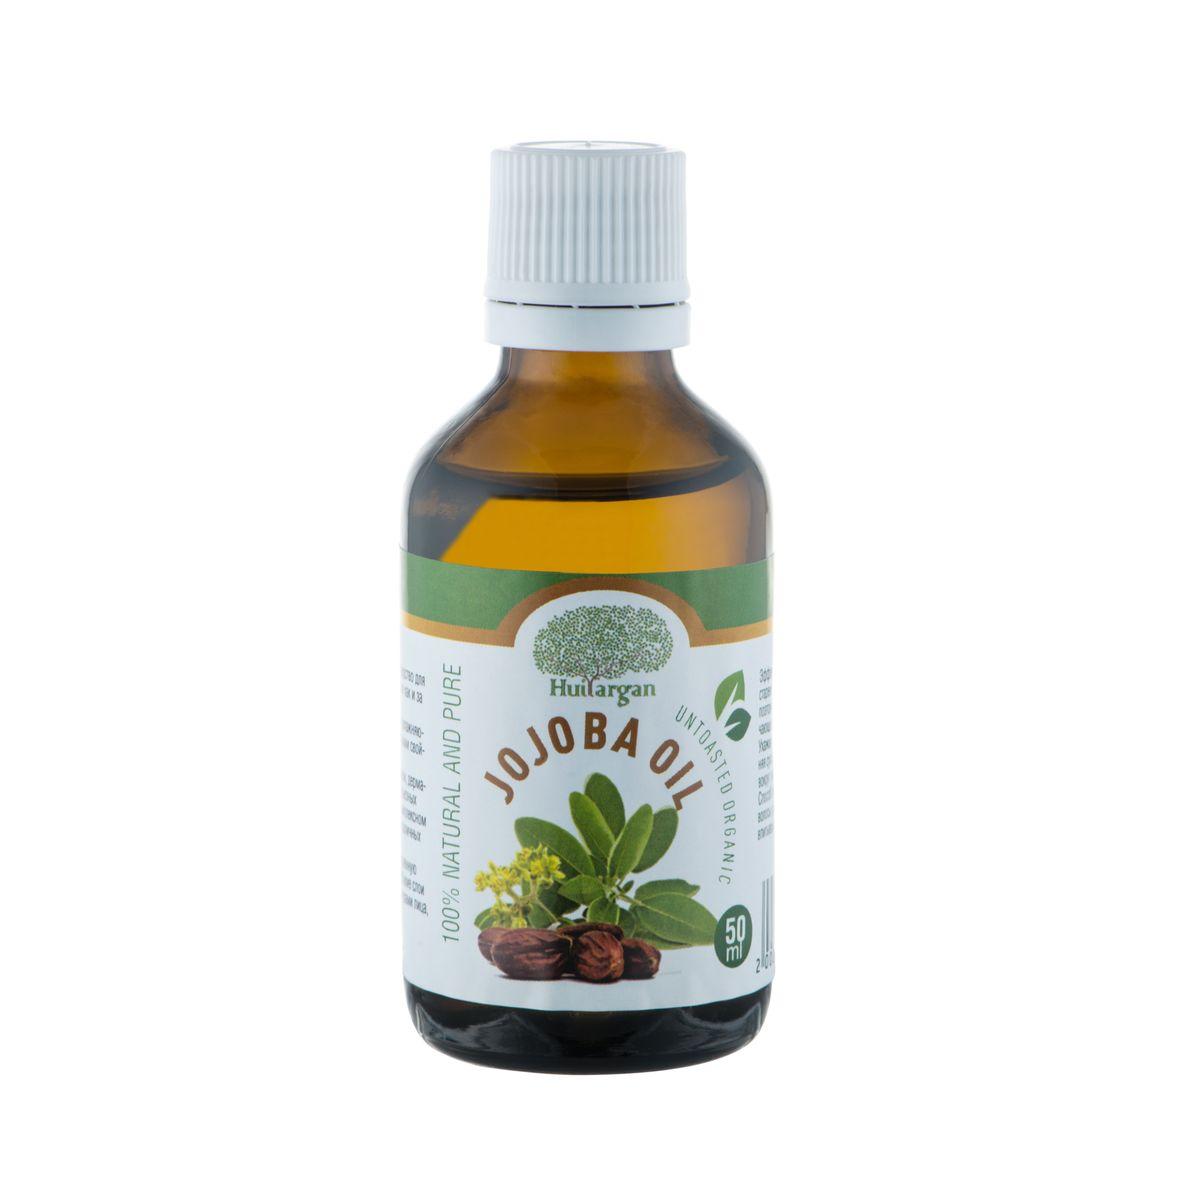 Huilargan Масло жожоба, 100% органическое, 50 мл2000000009032Масло жожоба (Jojoba oil) – 'то идеальное средство для ежедневного ухода за кожей всех типов, также как и за волосами любой структуры и типов. Оно обладает высокими регенерирующими, увлажняющими, противовоспалительными и смягчающими свойствами. Богато витамином Е. Отличная проникающая способность масла обеспечивает полное всасывание в кожу и волосы, поэтому оно не оставляет на лице и волосяных стволах жирного блеска.Масло жожоба применяется при лечении экзем, дерматитов, нейродермитов, псориаза и других серьезных кожных проблемах – в лечебных мазях.В комплексном лечении акне, фурункулов, угревой сыпи и различных воспалений и высыпаний на коже.Сухую, пересушенную, шелушащуюся и воспаленную кожу оно увлажняет и питает, проникая в глубокие слои кожи, идеально ухаживая за кожными структурами лица, шеи, груди и декольте. Эффективно разглаживает морщины при дряблой, стареющей коже.Прекрасное средство после бритья, поэтому его рекомендуется использовать как смягчающее средство после травмирующего кожу бритья.Ухаживает за губами, увлажняя их. Исчезает излишняя сухость губ, трещинки и шелушение на губах и вокруг них.